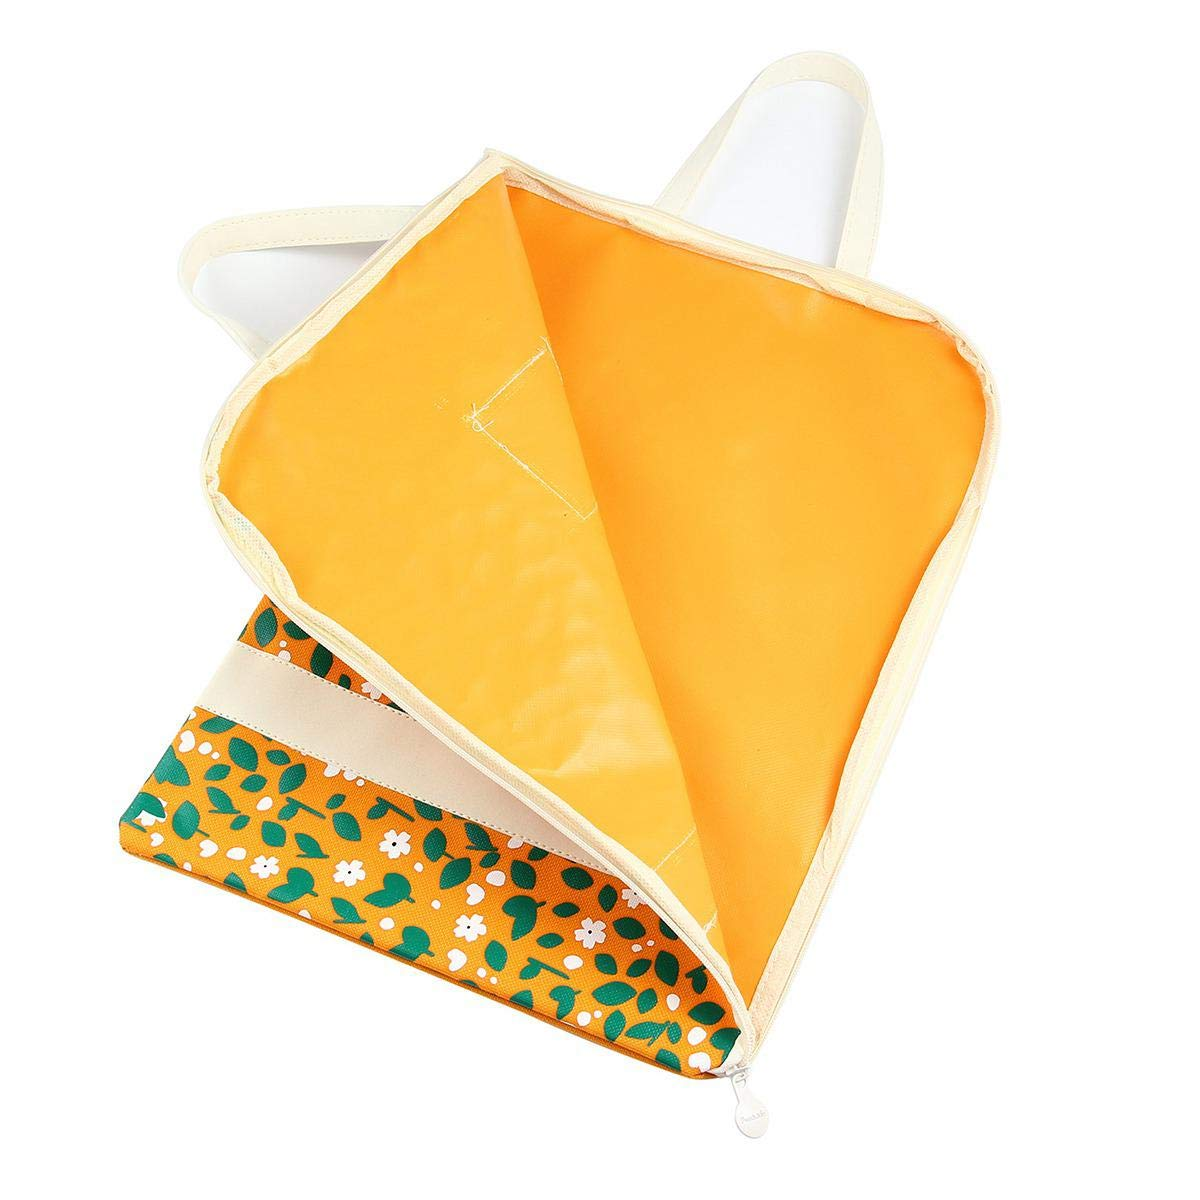 Portable A4/fichiers enveloppe /étanche Tissu Oxford Tissu Floral Document Sac fourre-Tout Support Lettre fichier Mode Housse de Transport